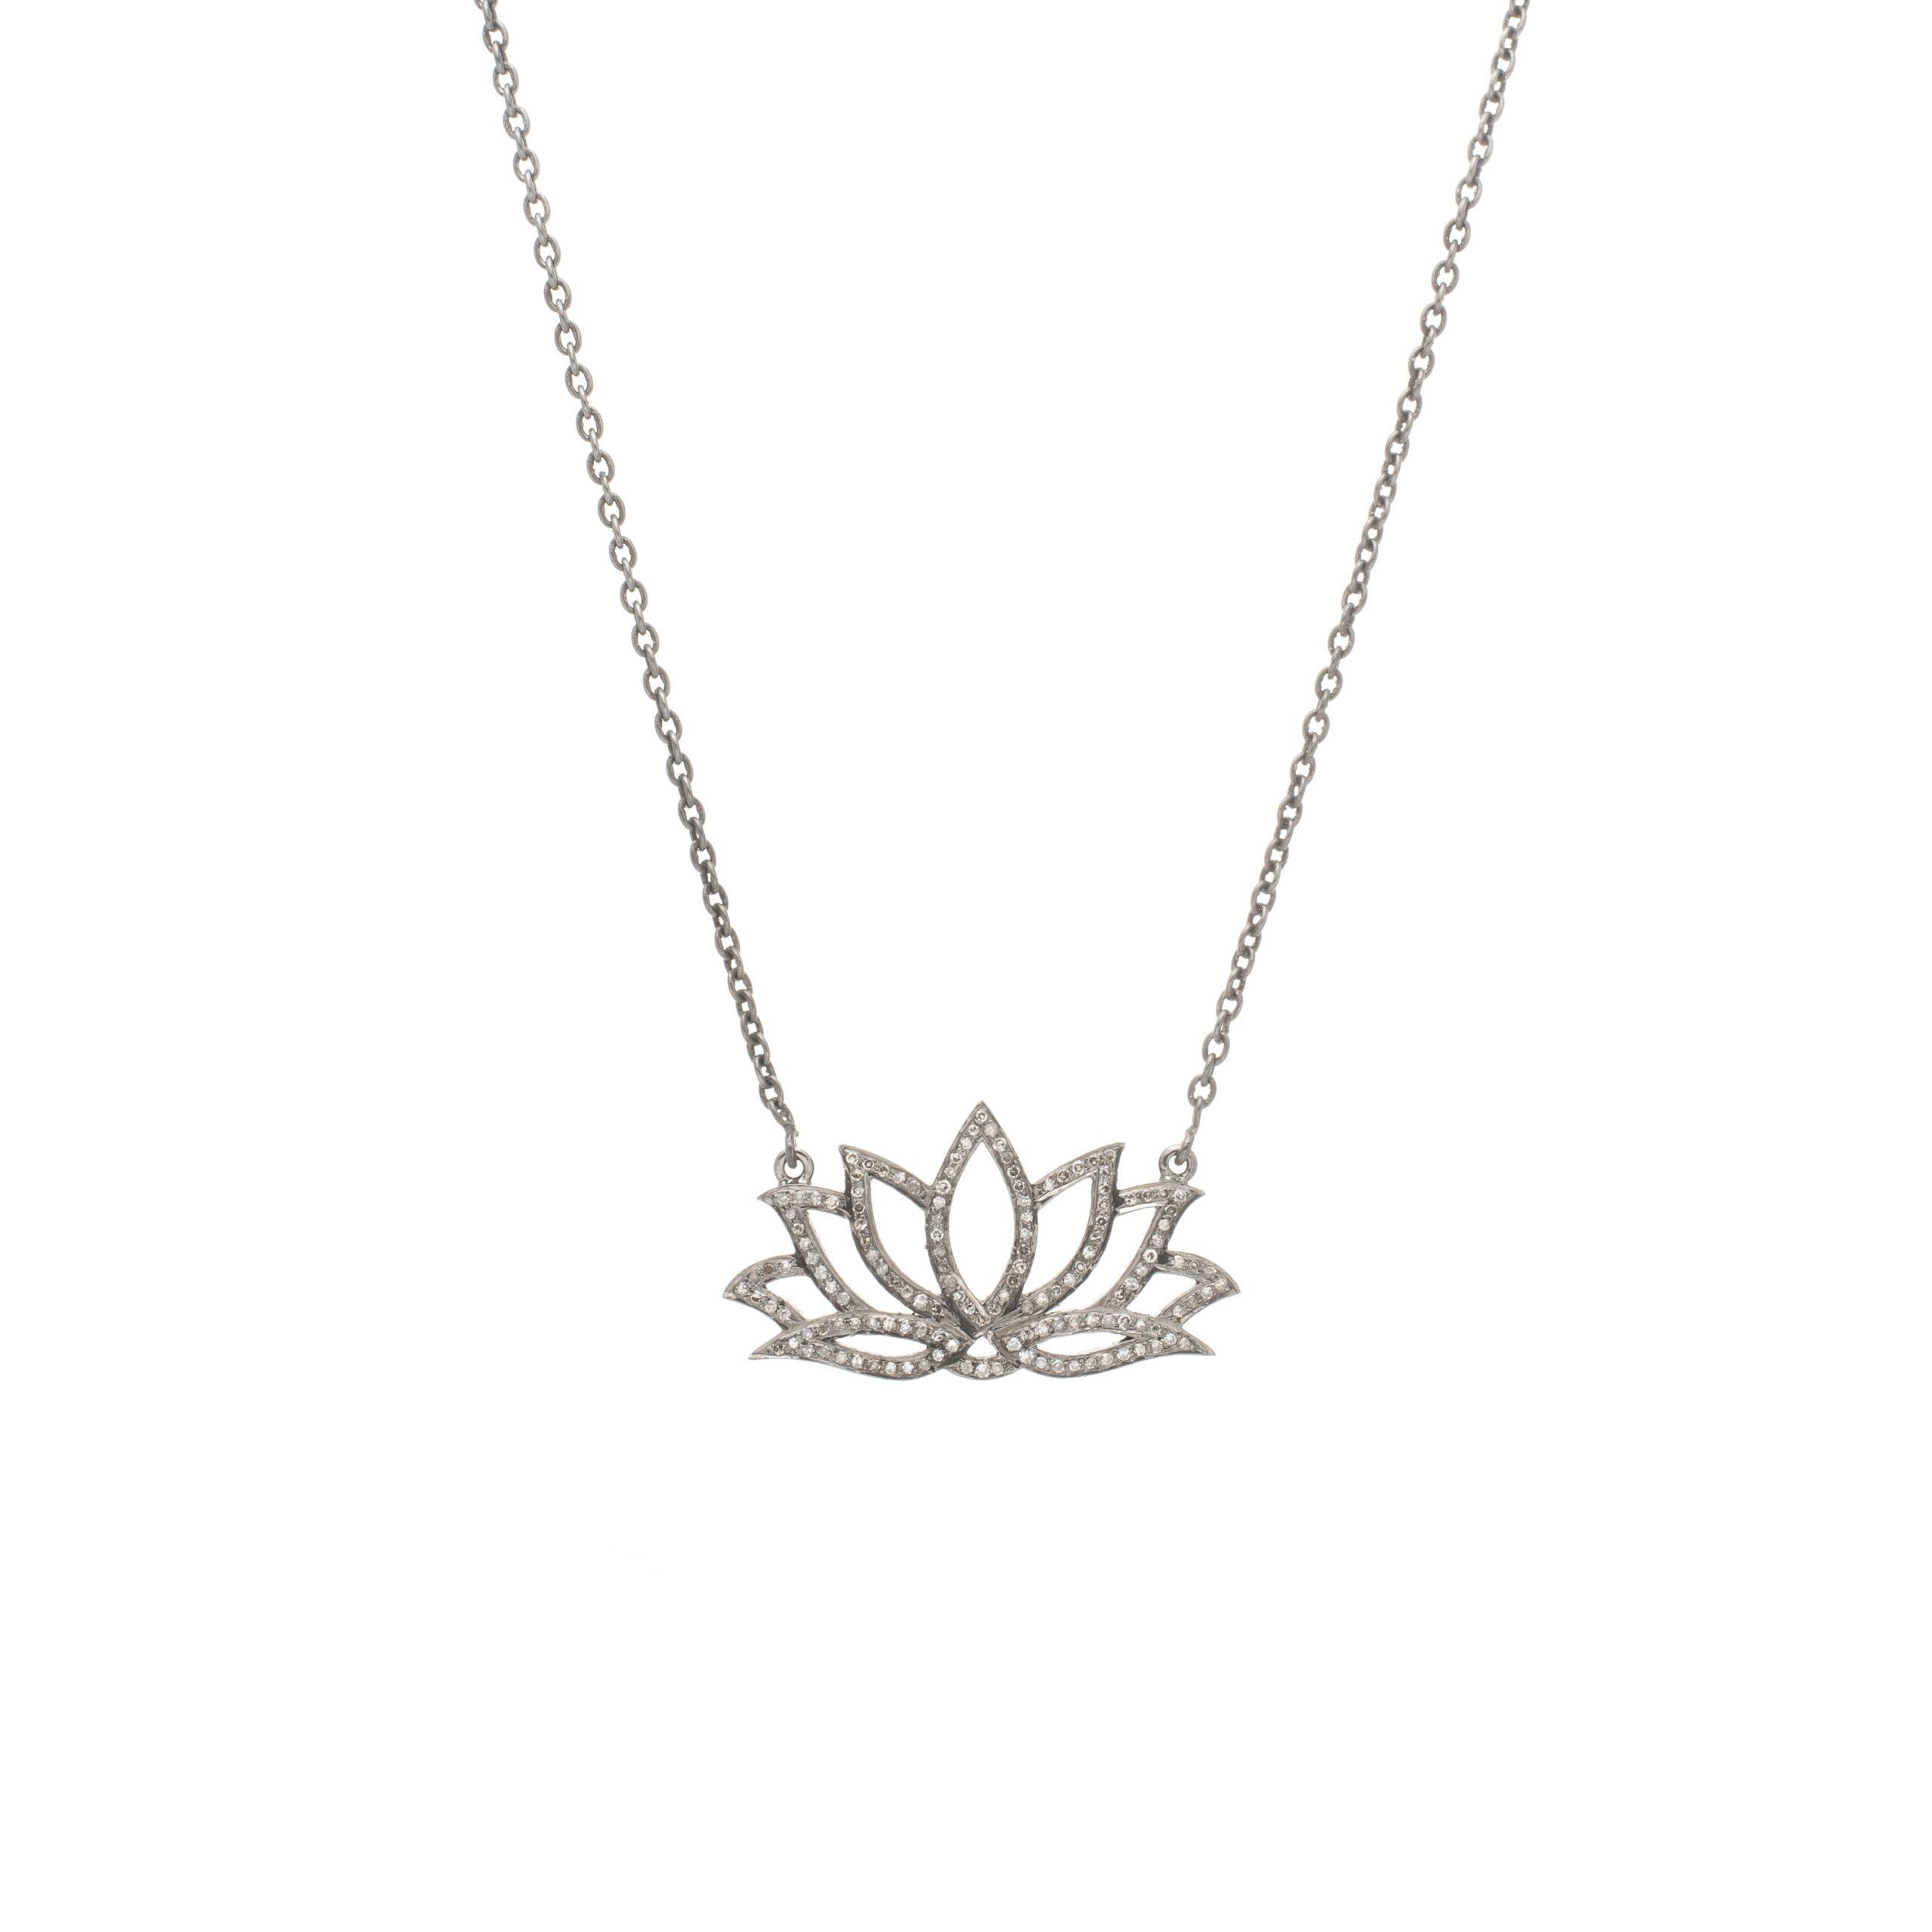 Large Diamond Lotus Flower Necklace